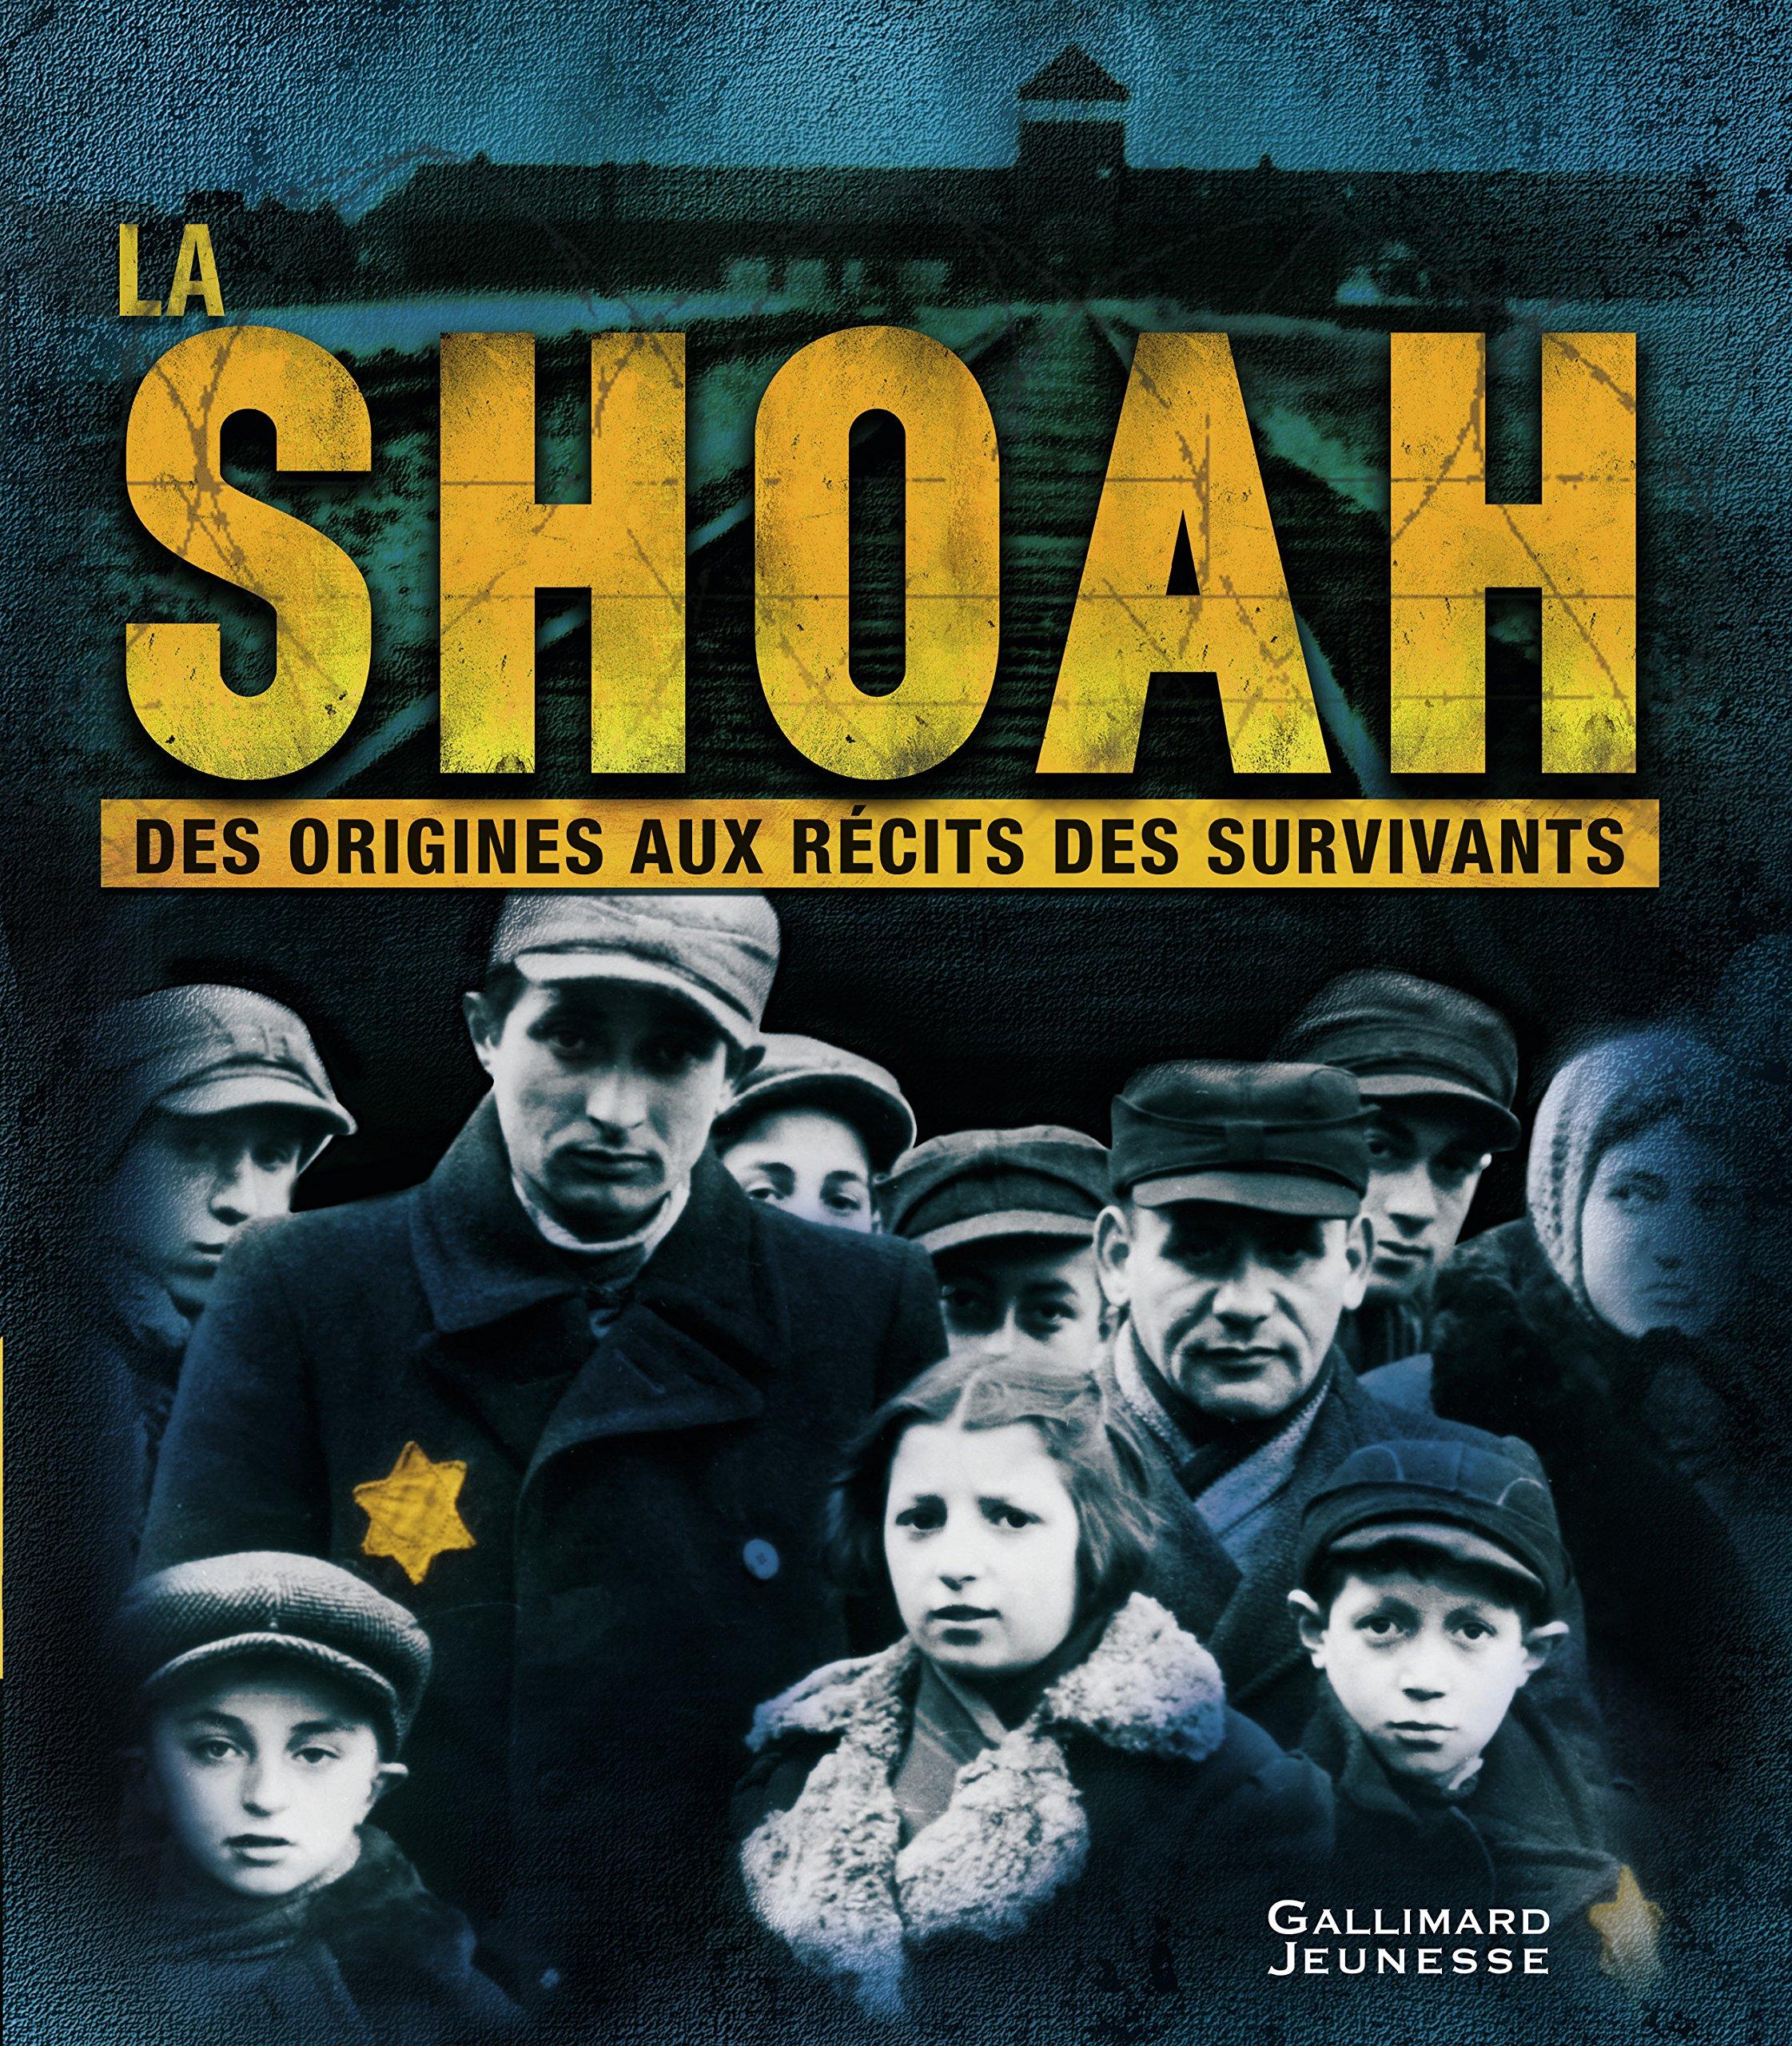 La Shoah: Des origines aux récits des survivants Album – 25 janvier 2018 Philip Steele Bérengère Viennot Gallimard Jeunesse 2075088756